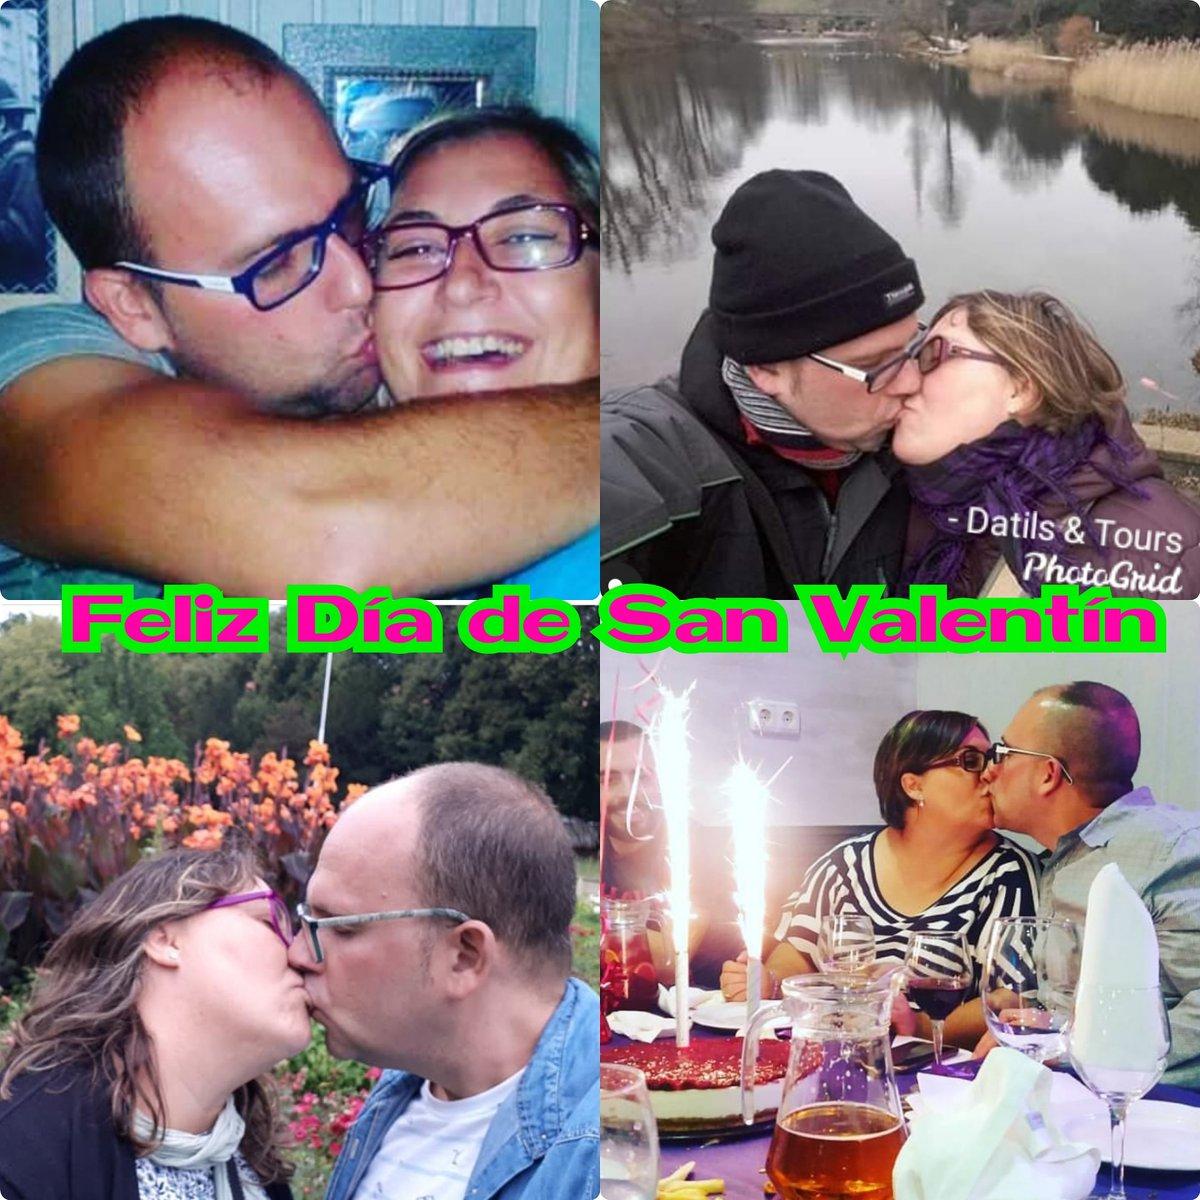 """test ツイッターメディア - Mi compañera de """"viaje"""" en la vida y en las adversidades en estos más de 6 años. Ya sabes que #SanValentin no es más que una fecha comercial y pasteleo, el #amor son los 365 días del año 💘. https://t.co/j8ghvjy0fg"""